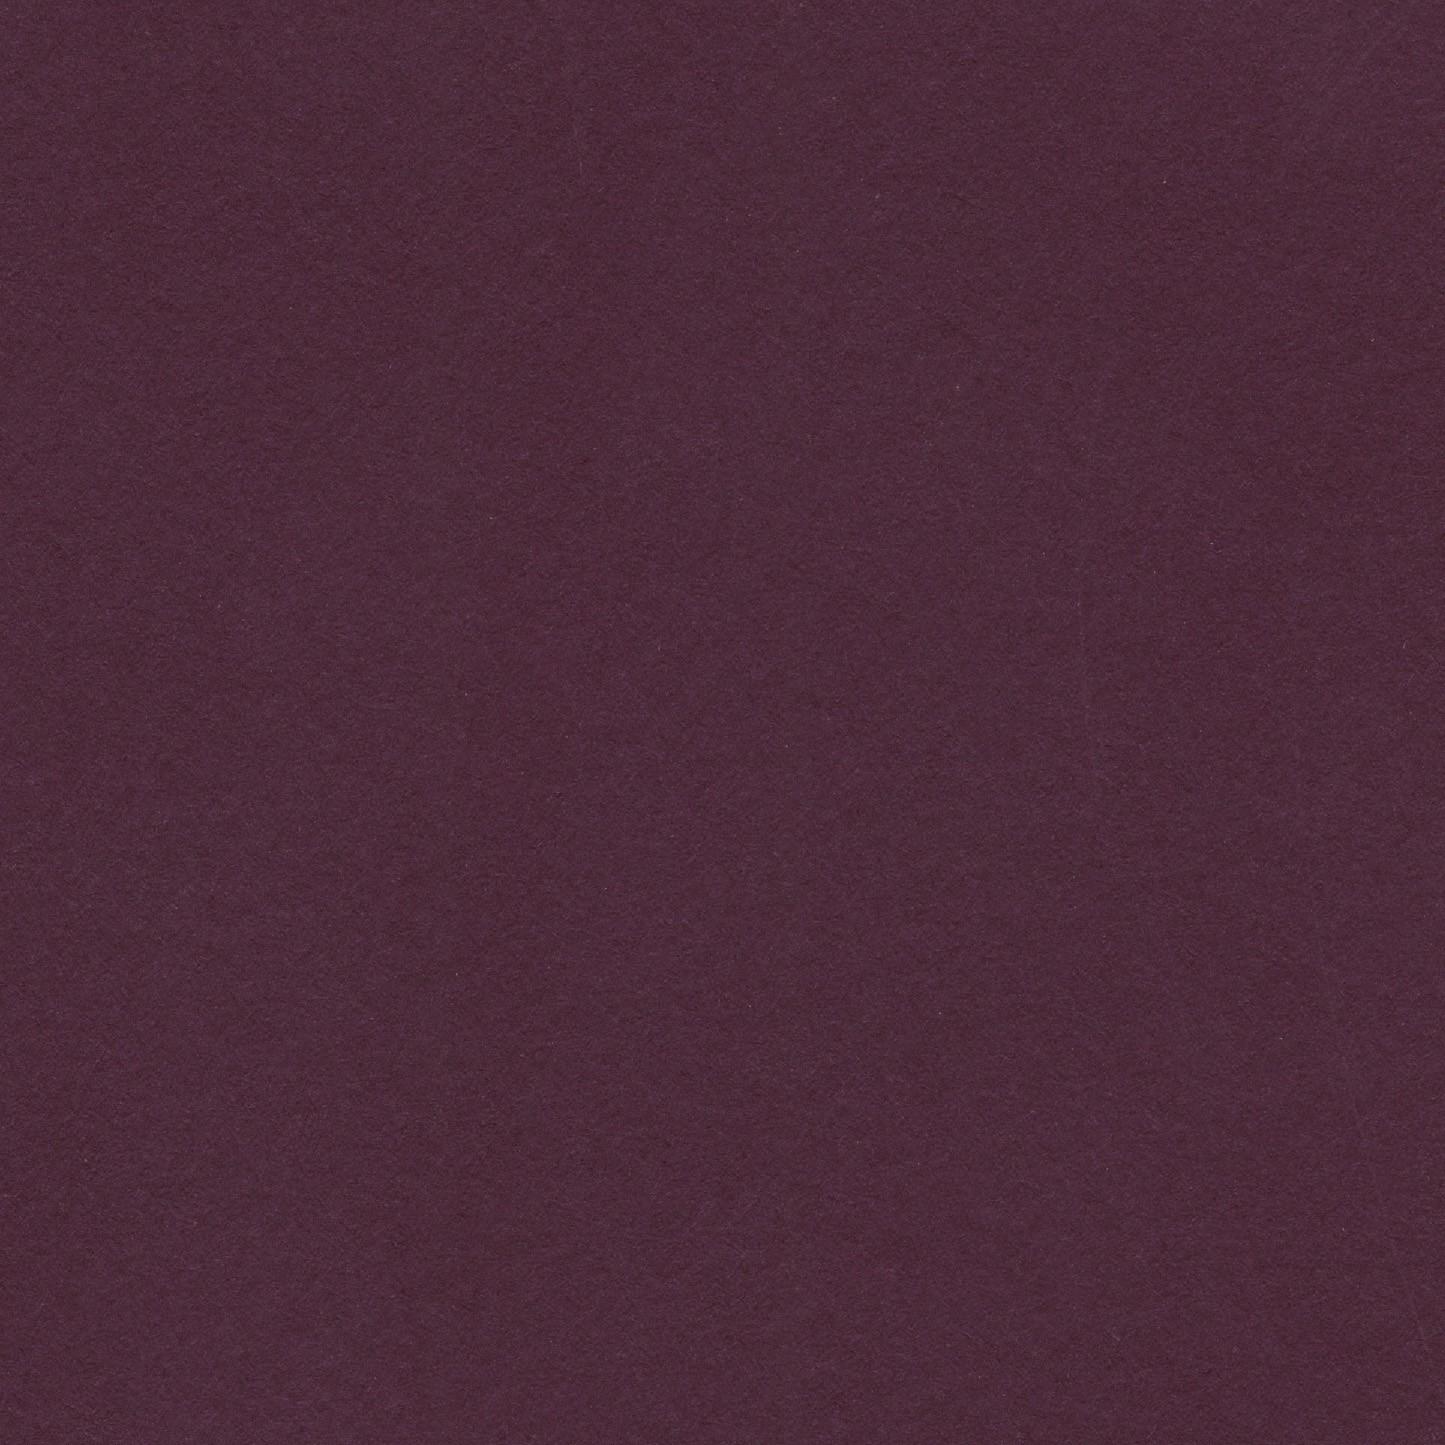 Red - Claret 135gsm